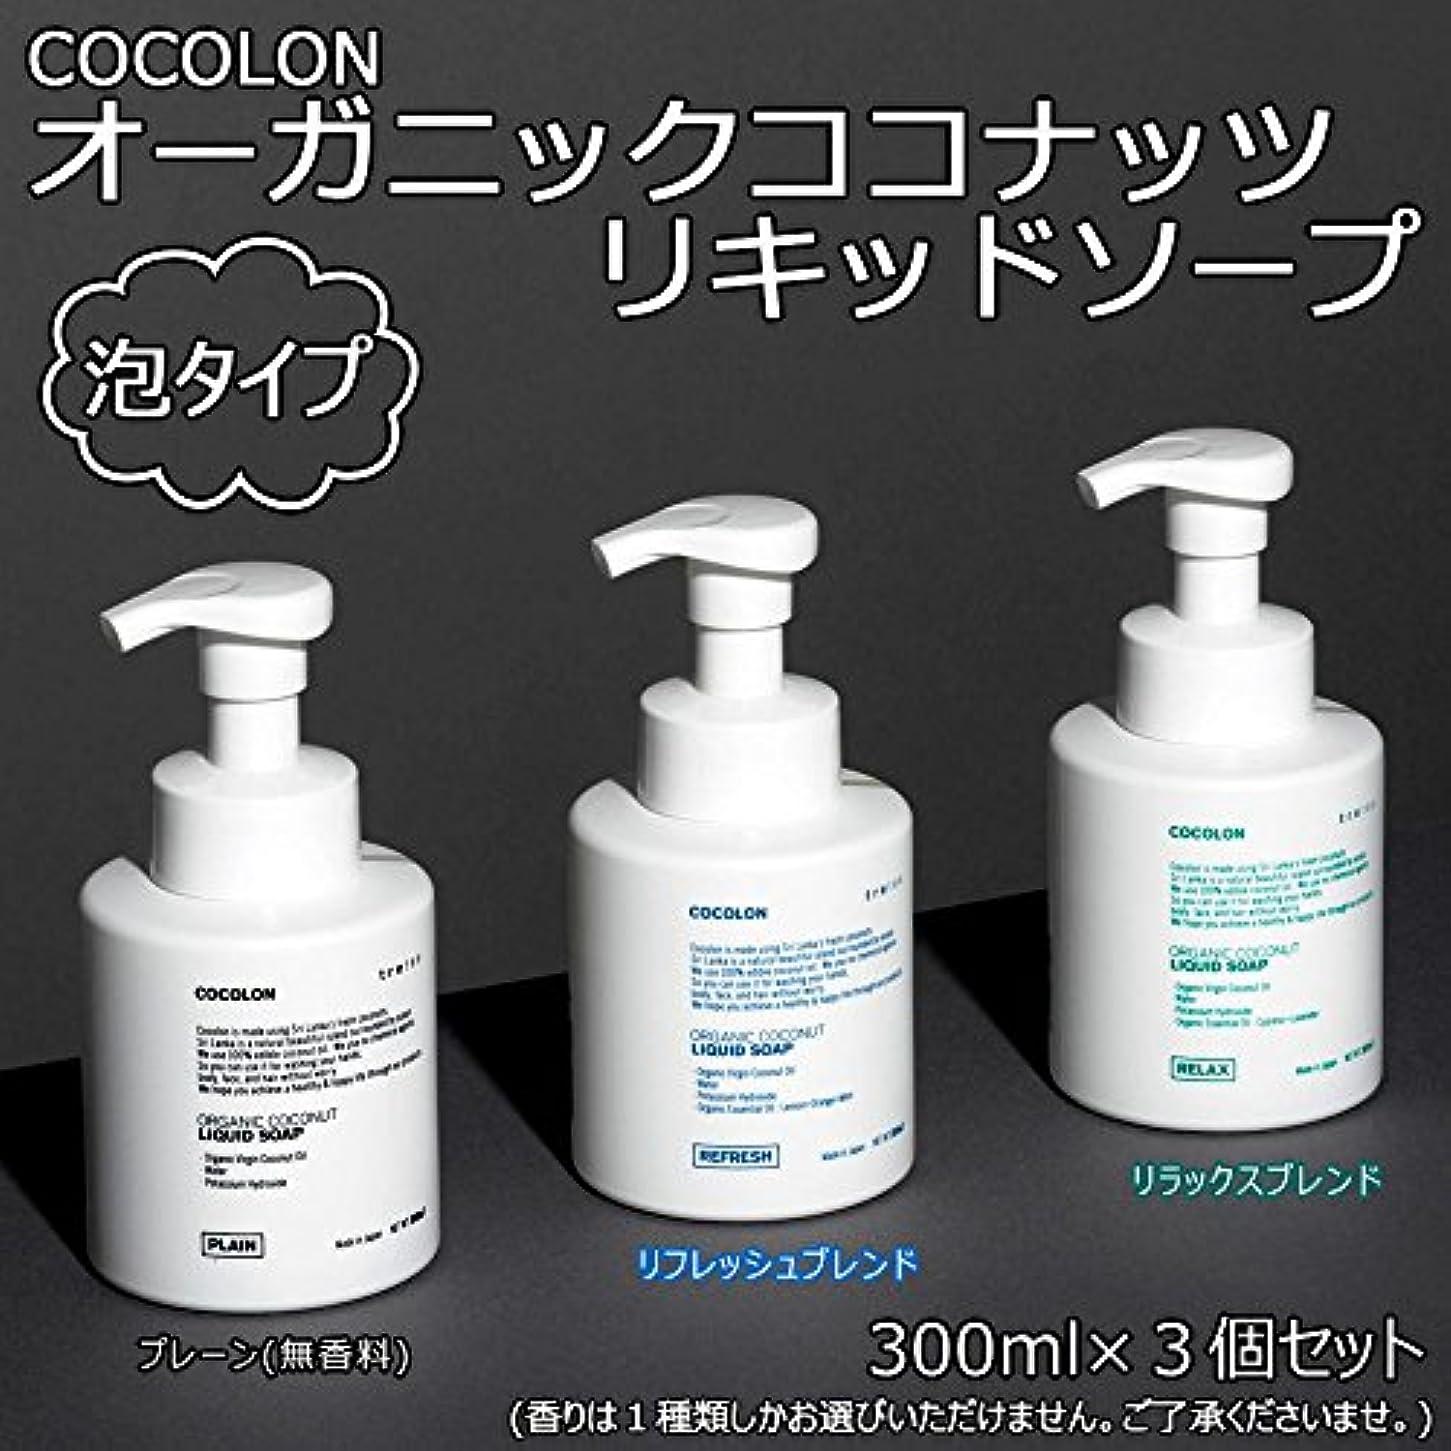 免疫ぬるい麻酔薬COCOLON ココロン オーガニックココナッツリキッドソープ 泡タイプ 300ml 3個セット リラックスブレンド